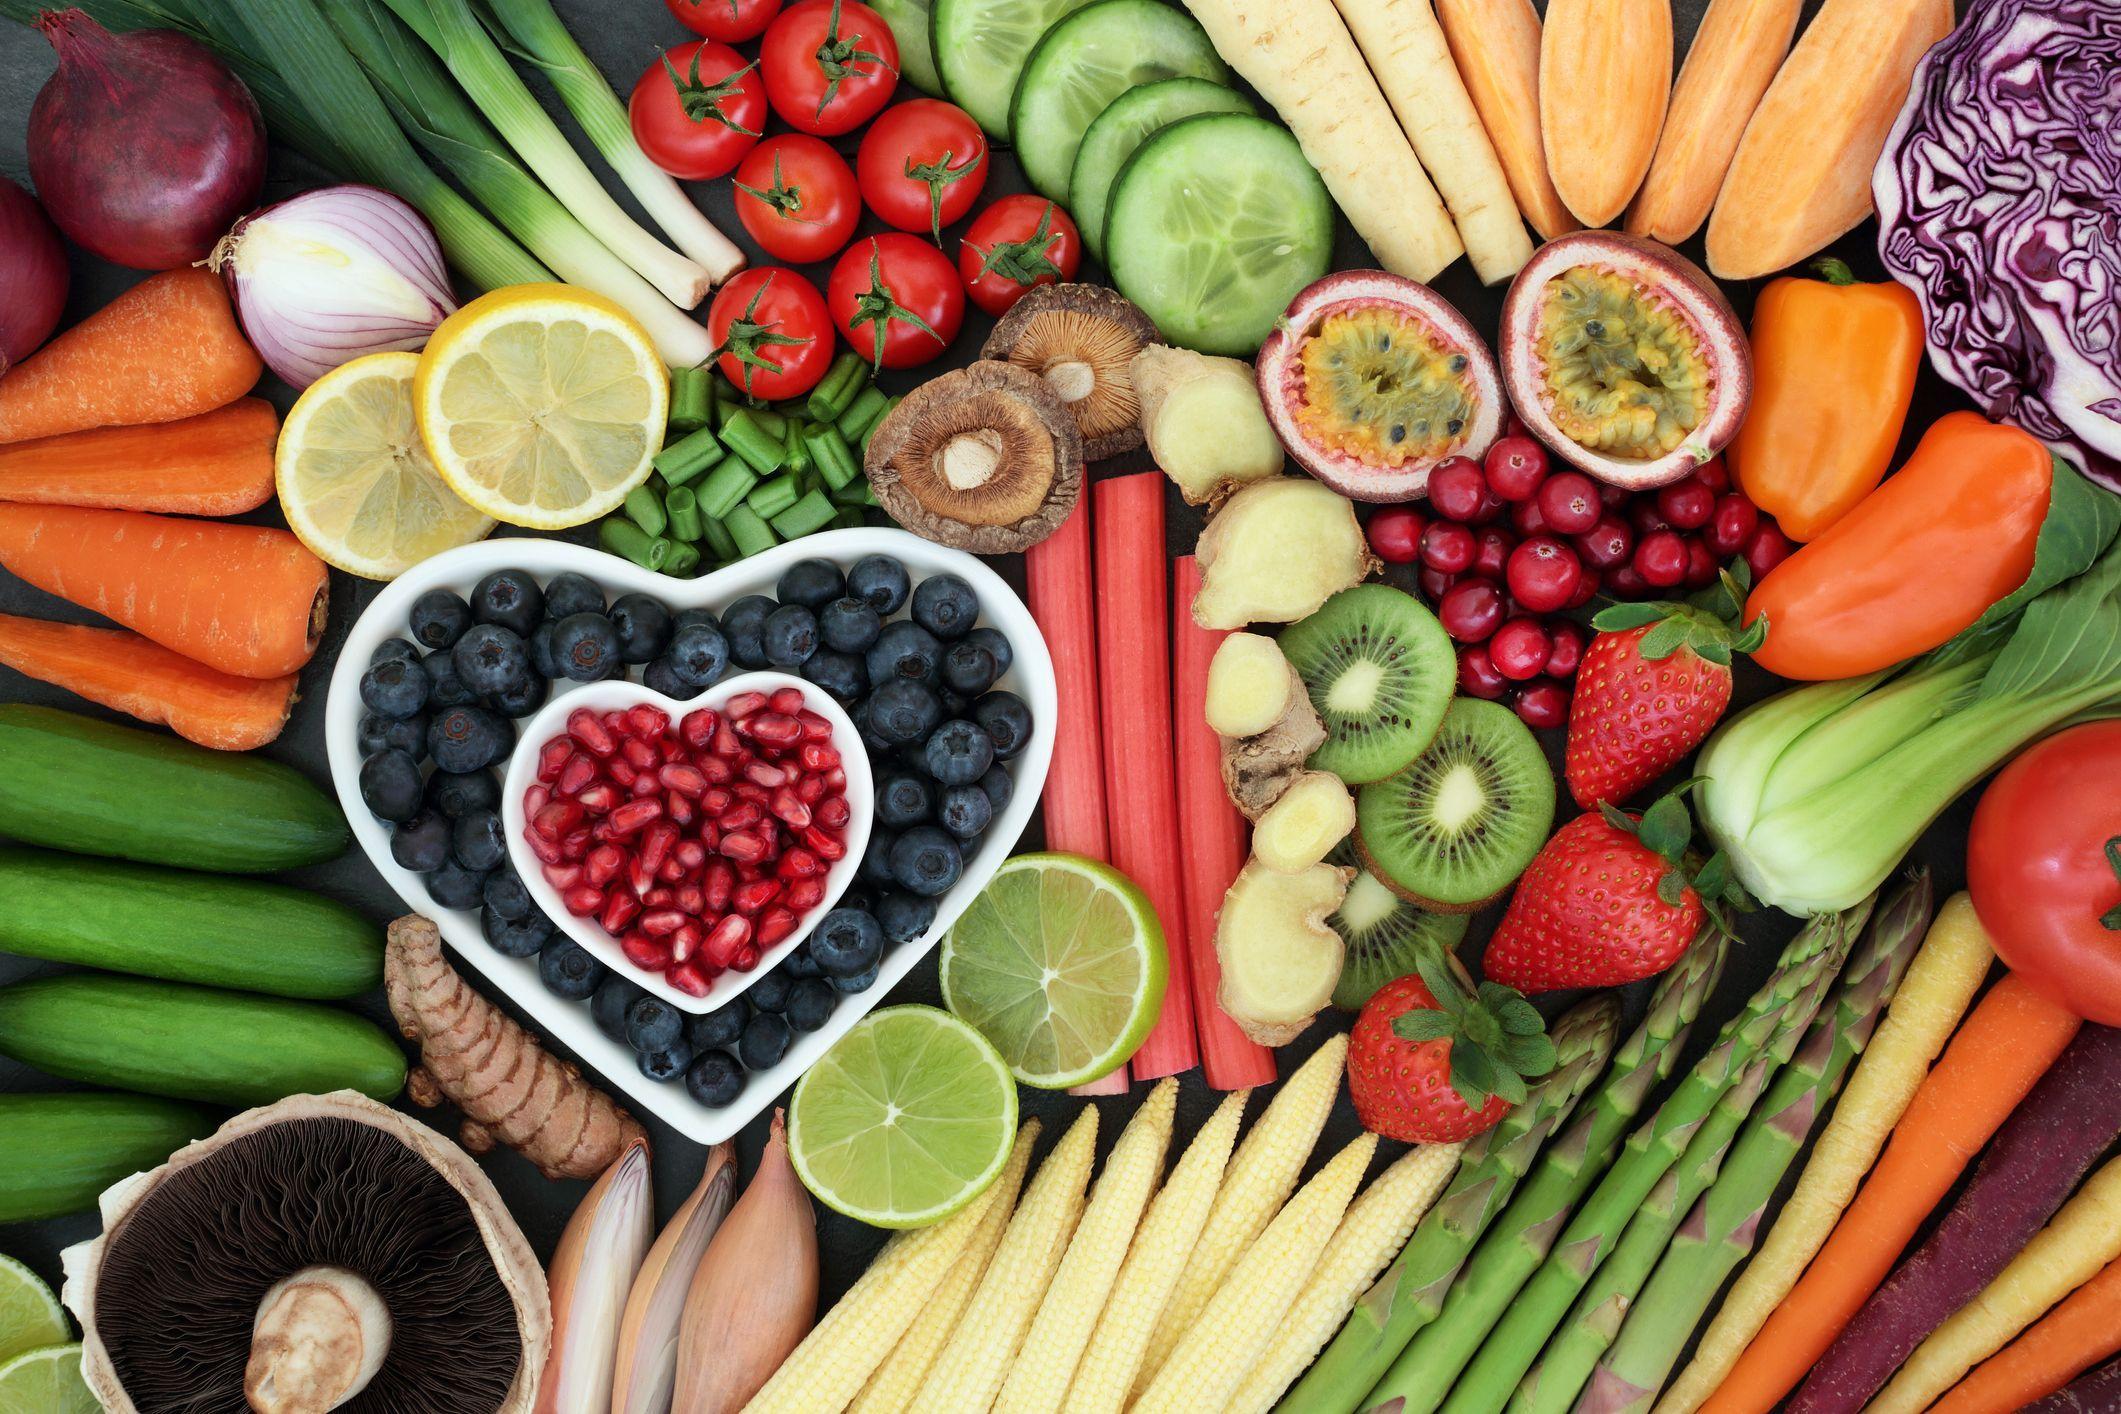 Farm to Fork Healthy Food